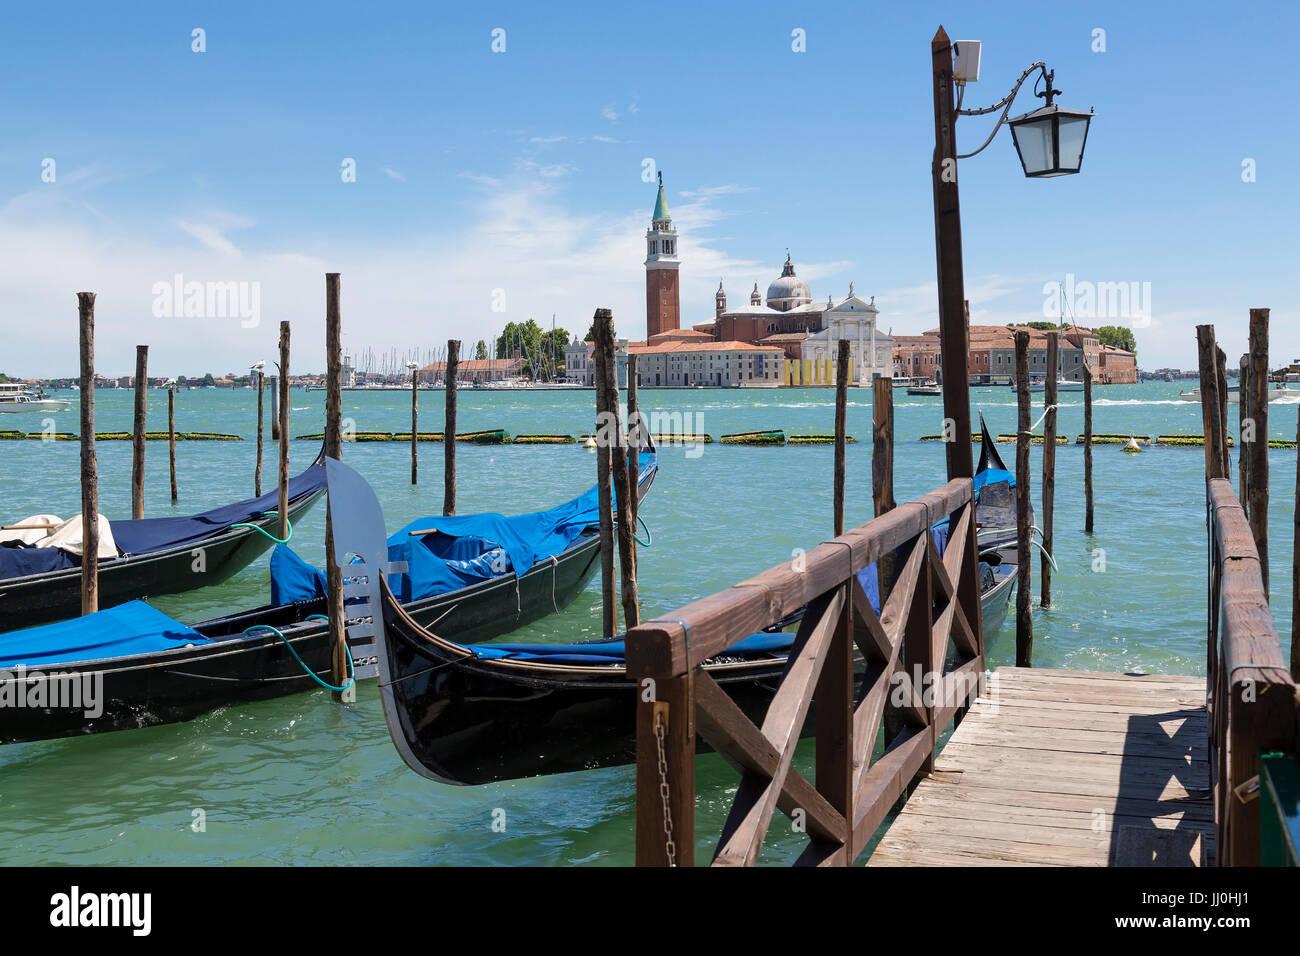 Gondolas in the Riva degli Schiavoni, Venice, Veneto, Italy - Gondolas At Riva degli Schiavoni, Venice, Venetia, - Stock Image